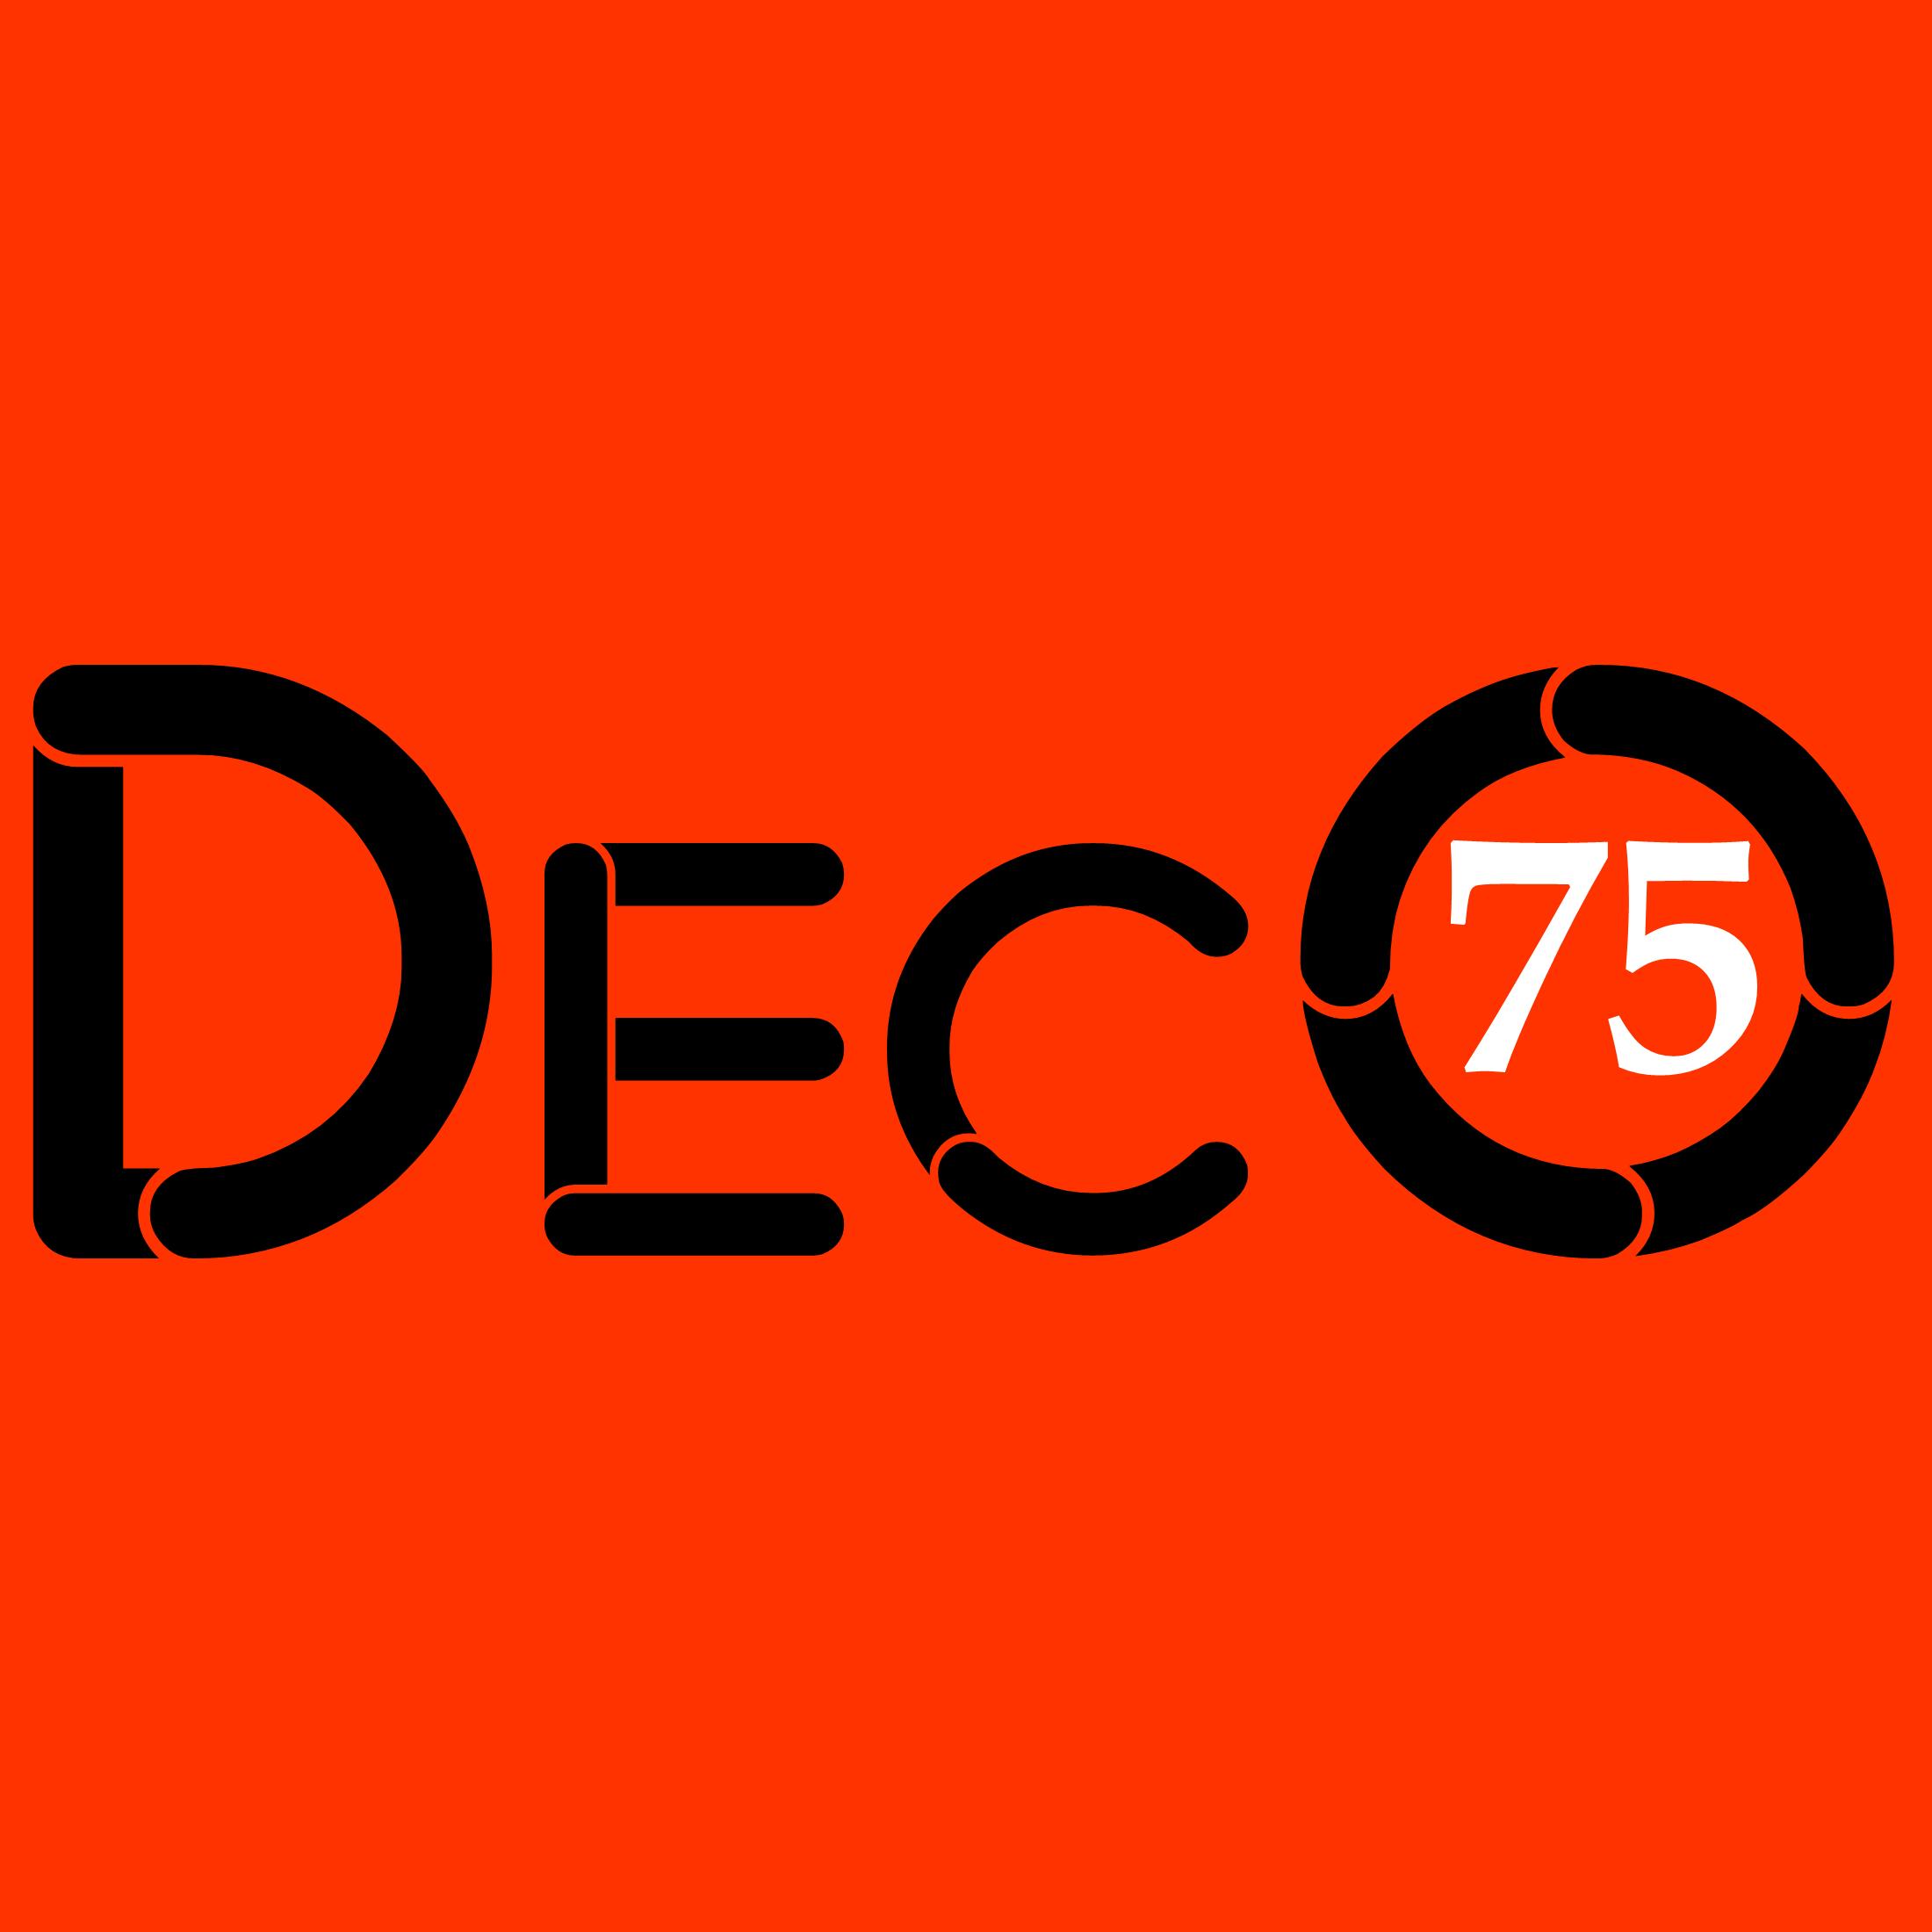 DECO 75